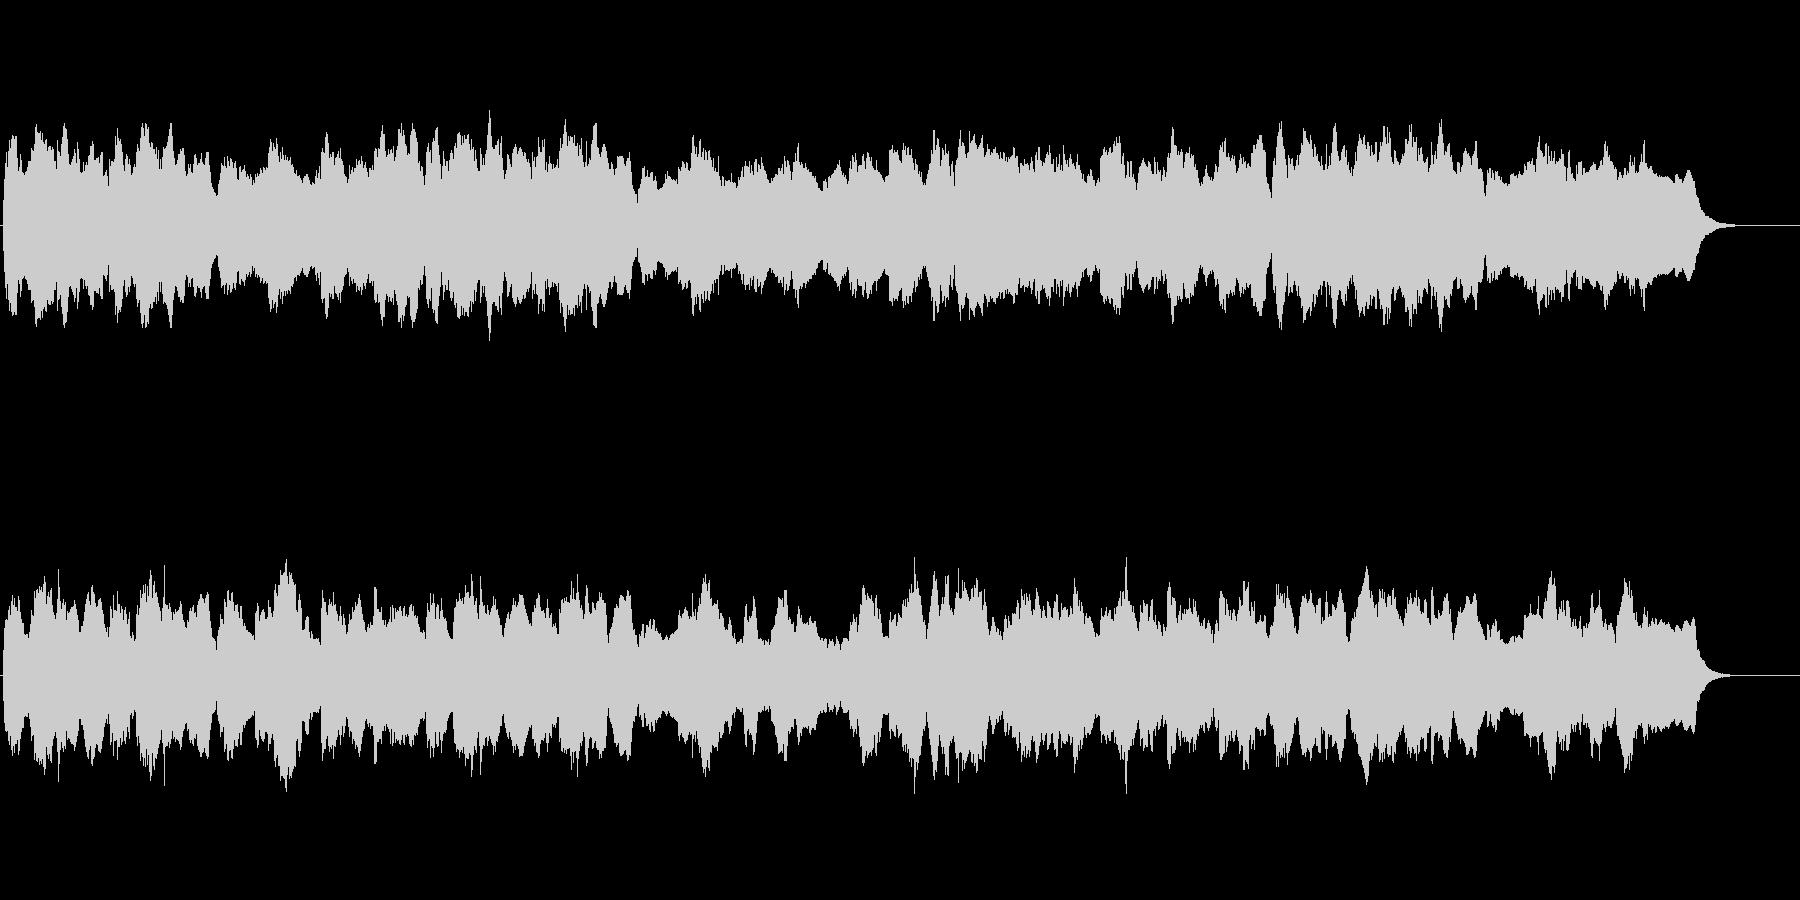 バロック風の四声の曲でお城のイメージの未再生の波形